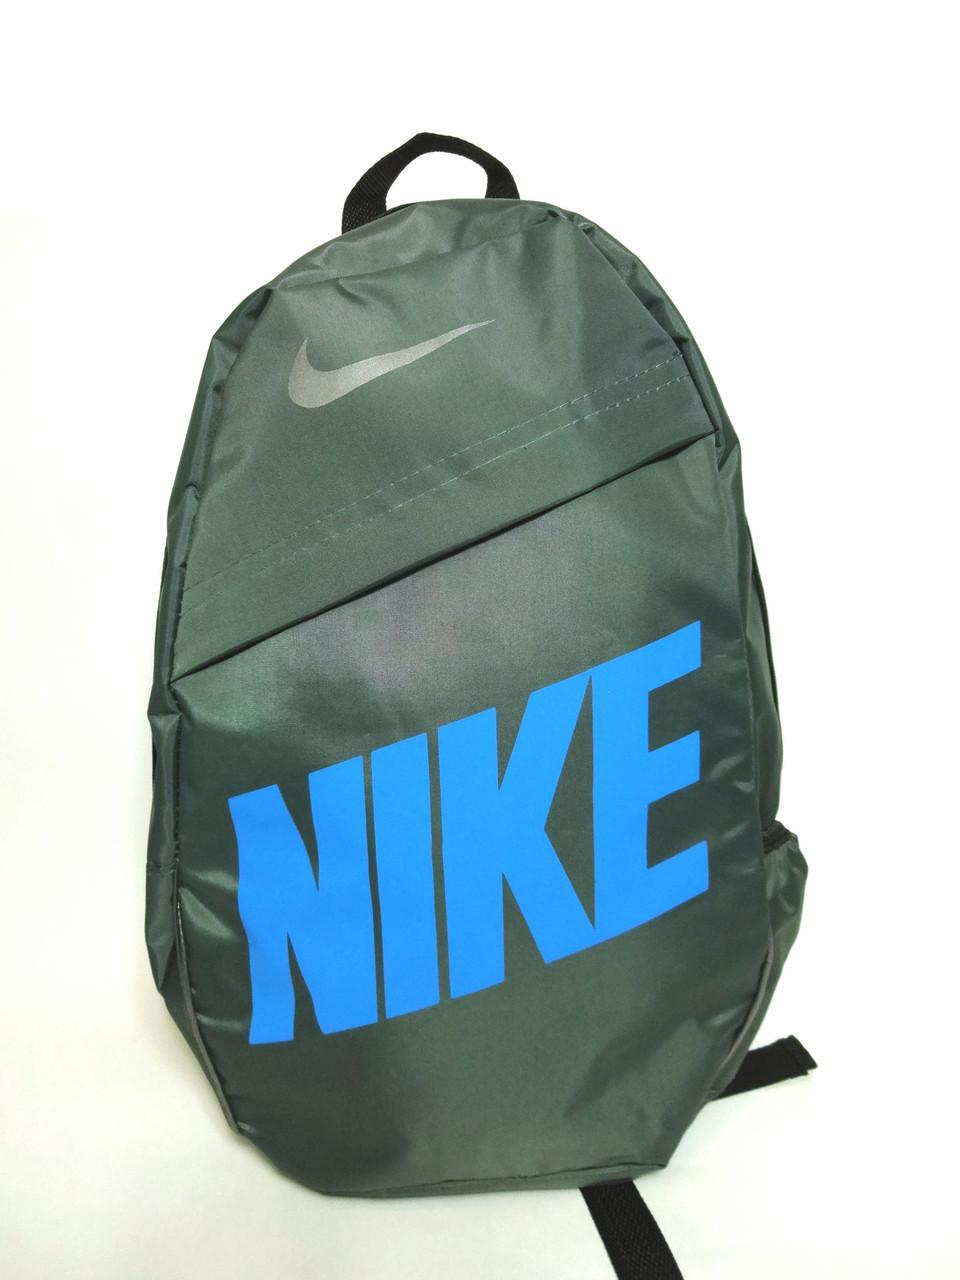 Спортивный рюкзак портфель Nike (Найк) молодежный. Серый с голубым принтом